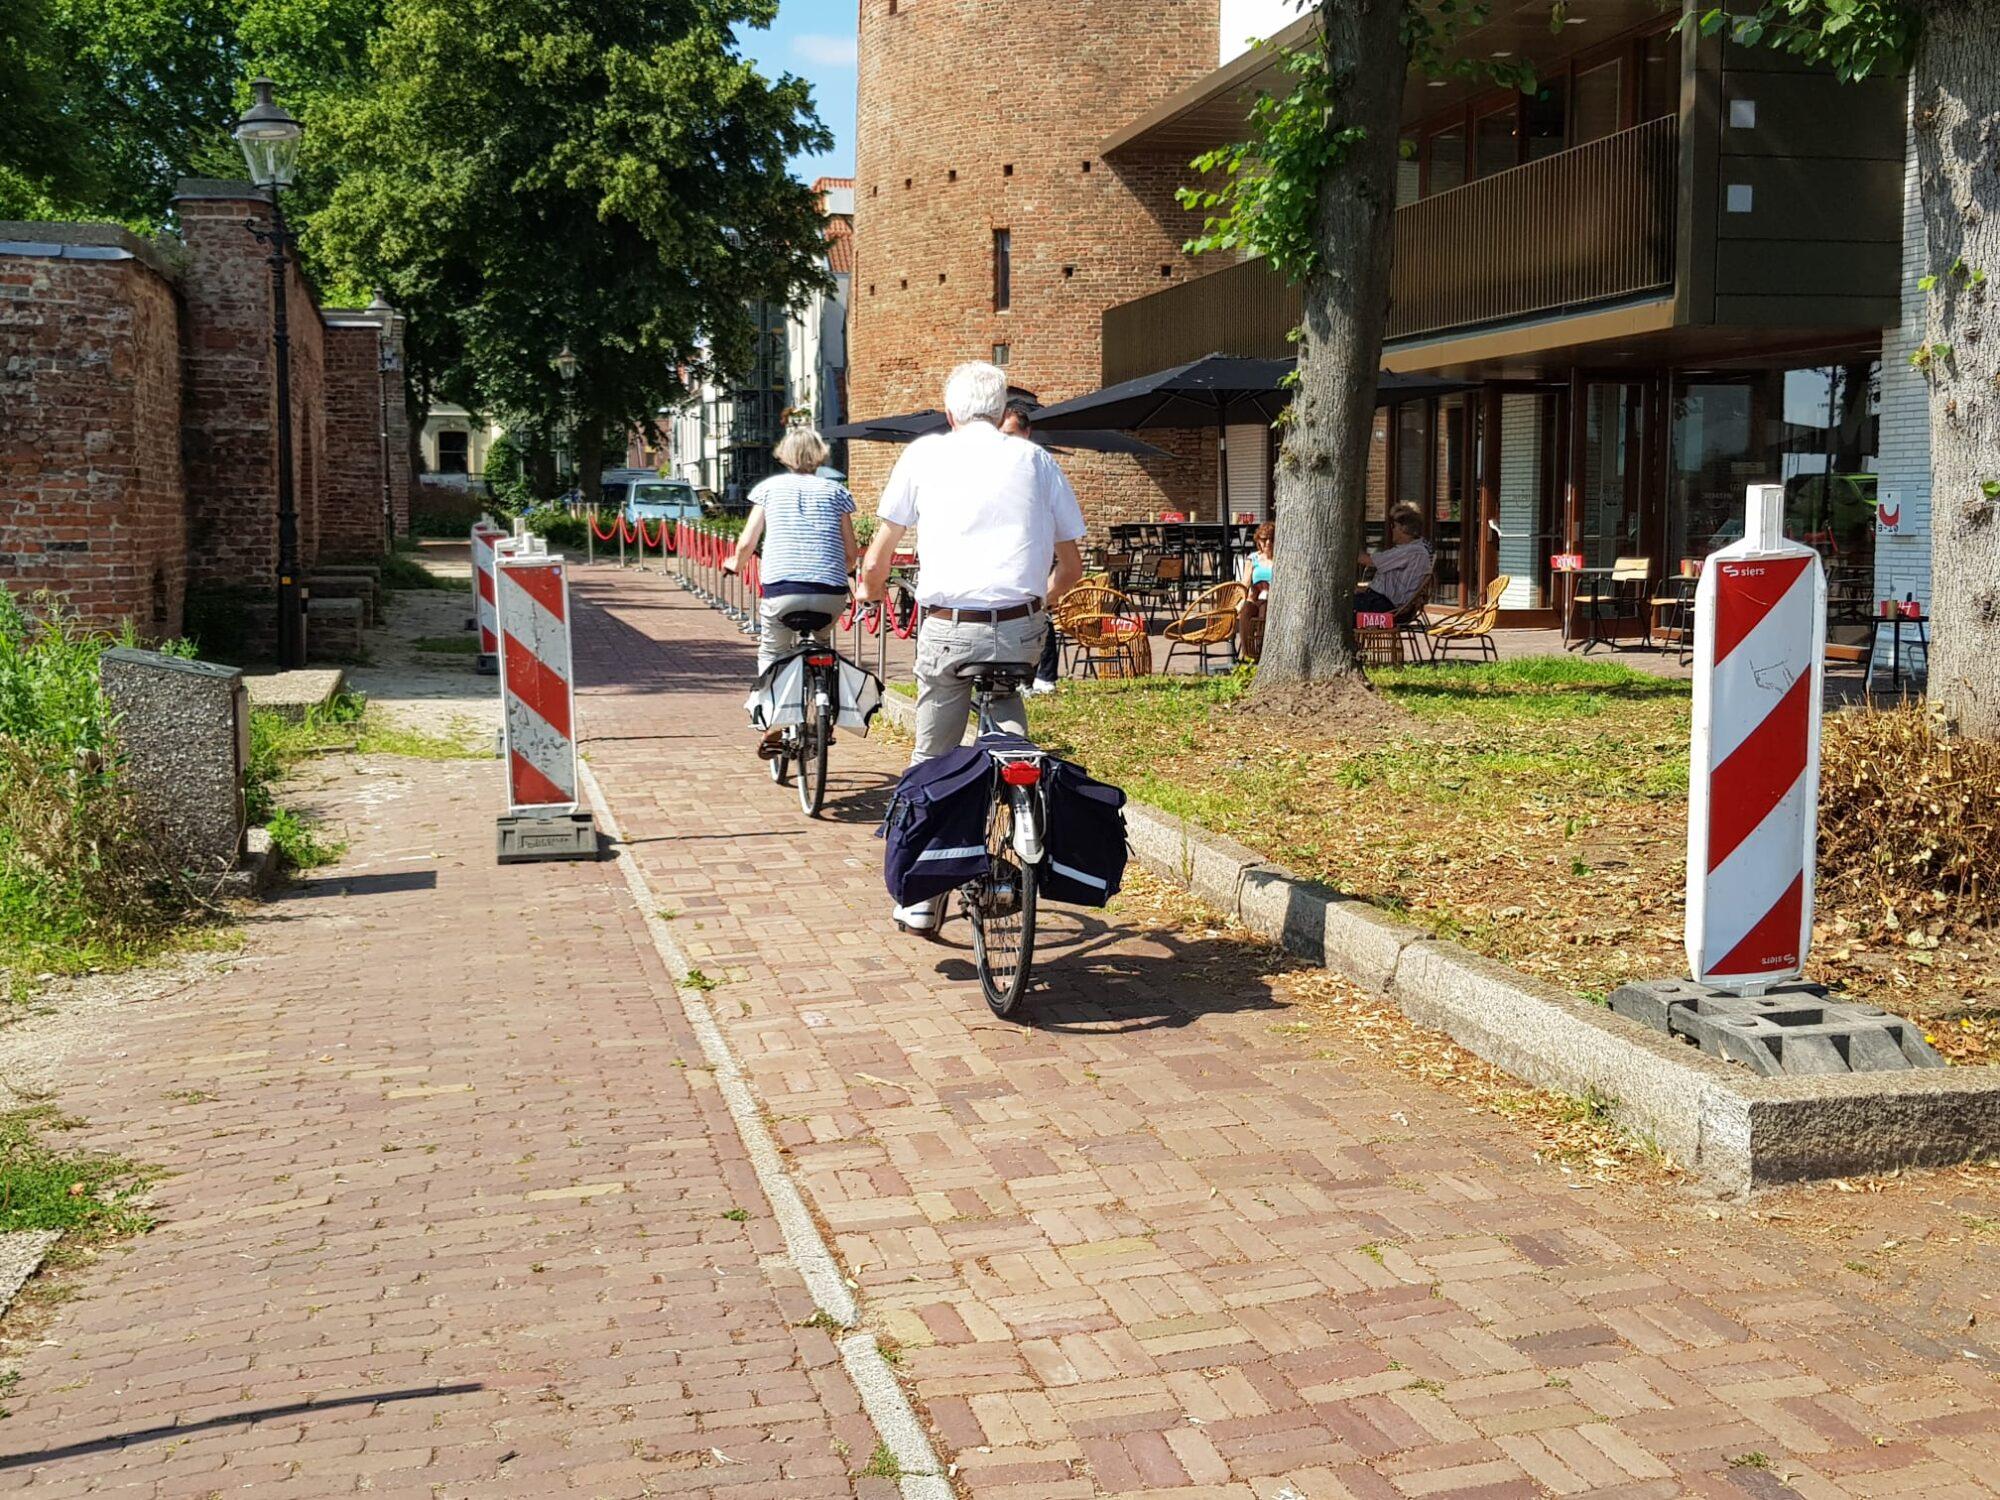 Tijdelijk fietspad achter de stadsmuur opengesteld in Deventer